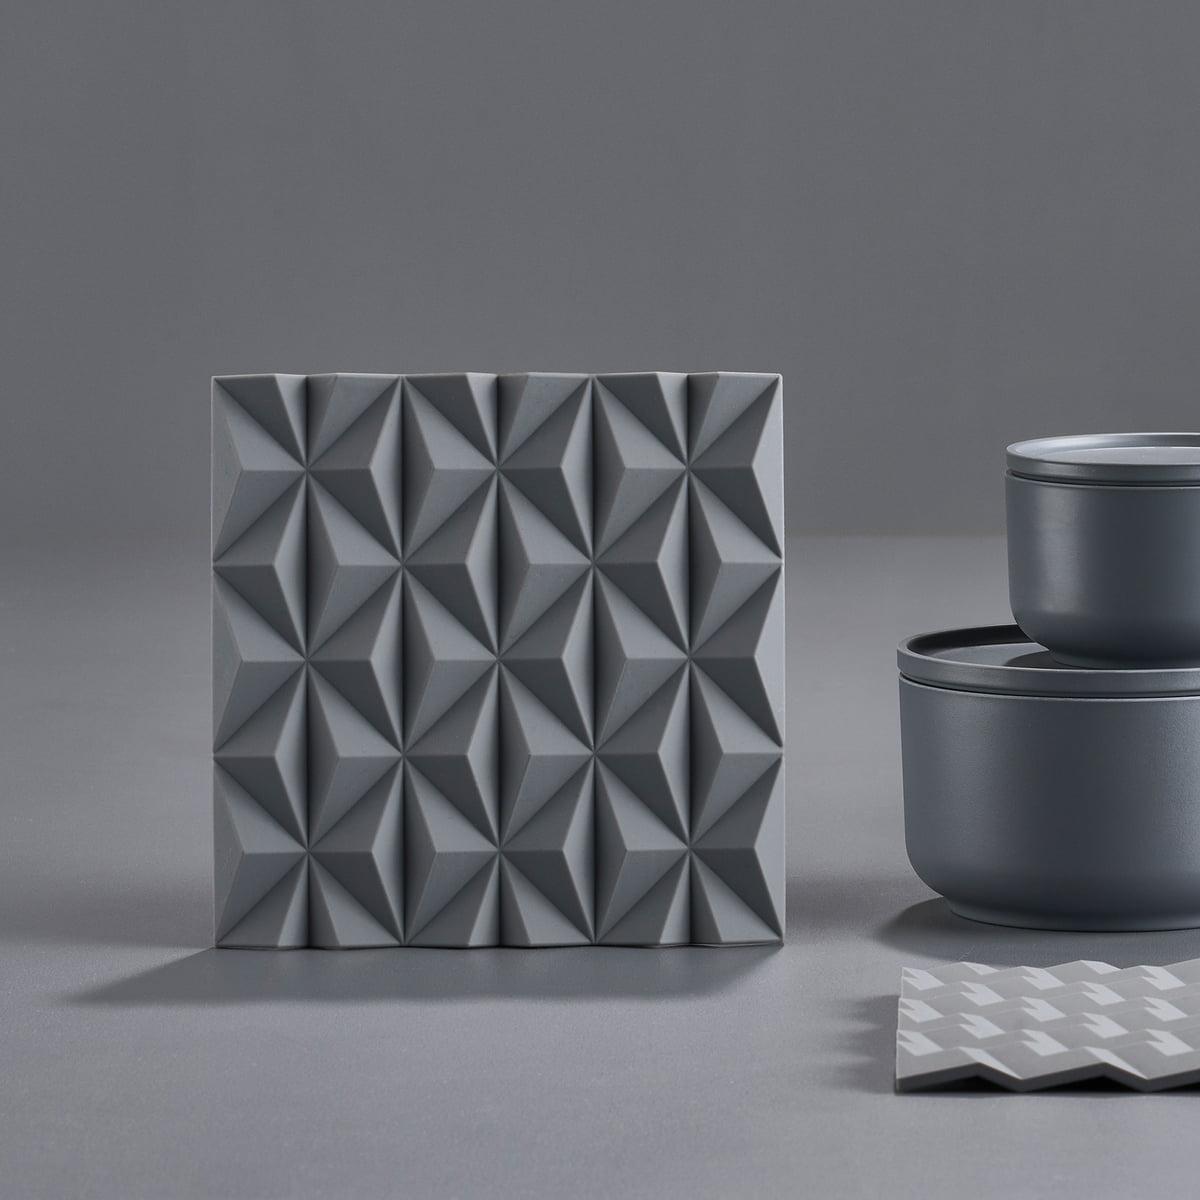 Origami Trivet By Zone Denmark